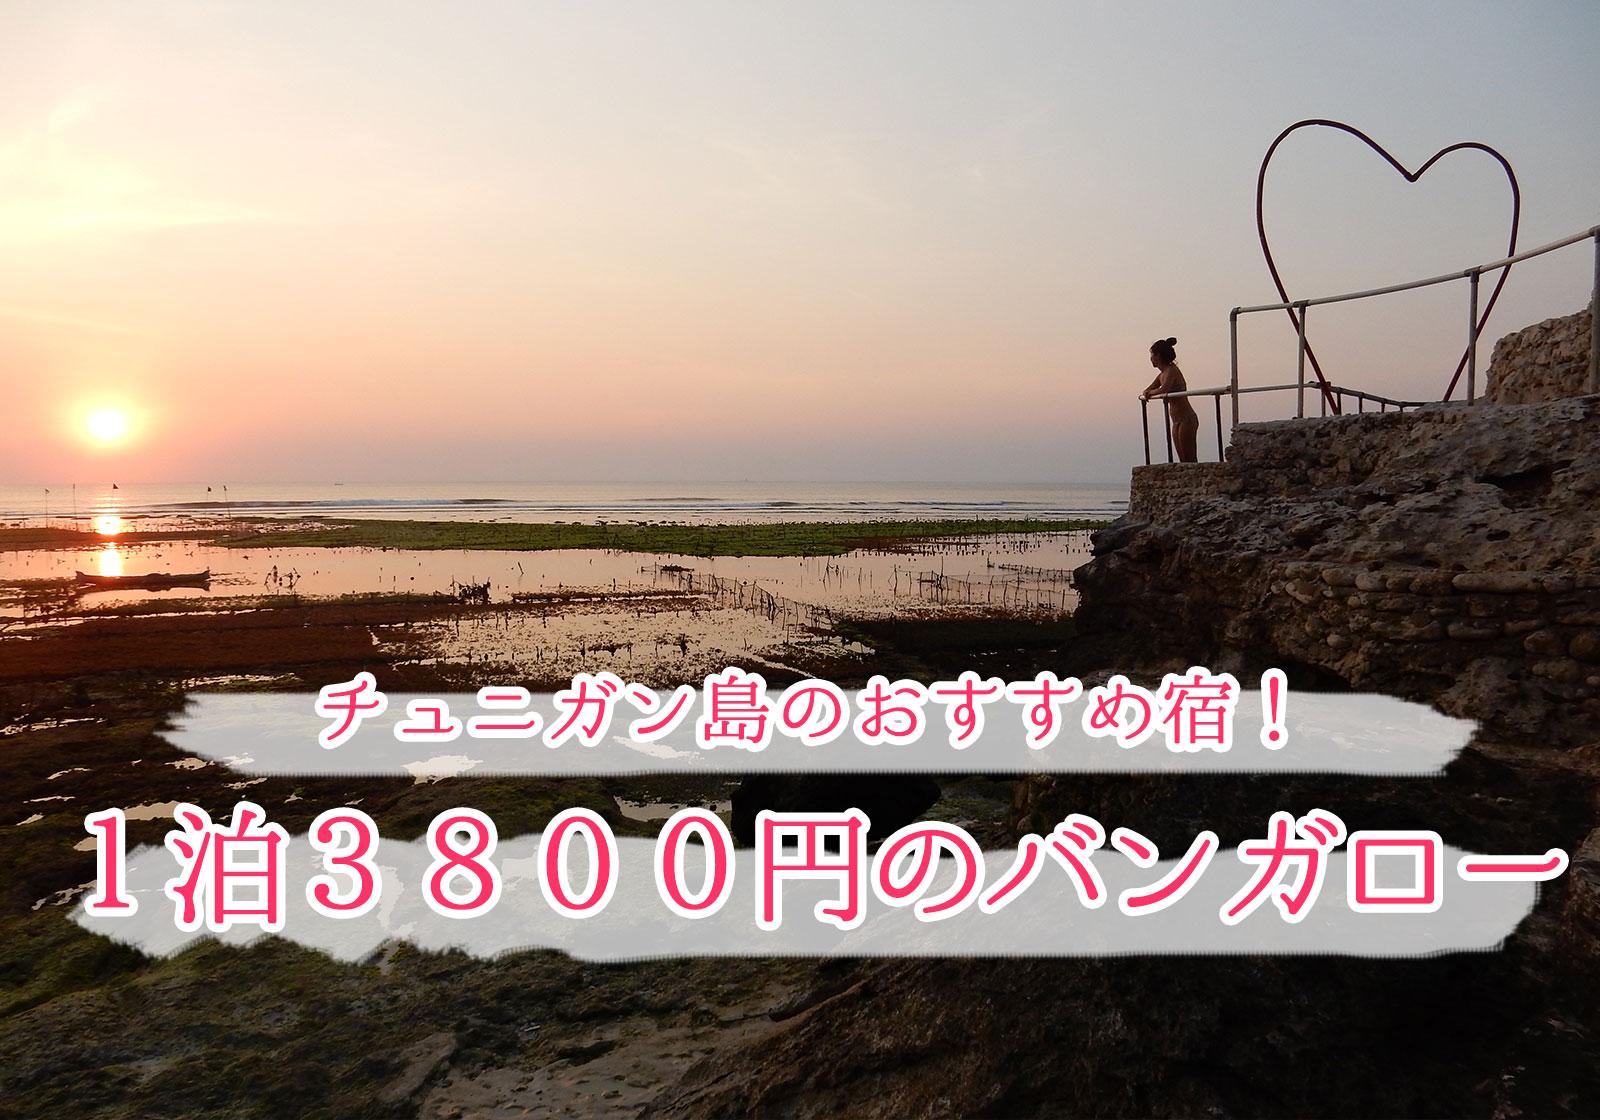 1泊4000円弱!絶景シービューでのんびりできるホテル🌴トワイライトレンボンガン(Twilight Lembongan)